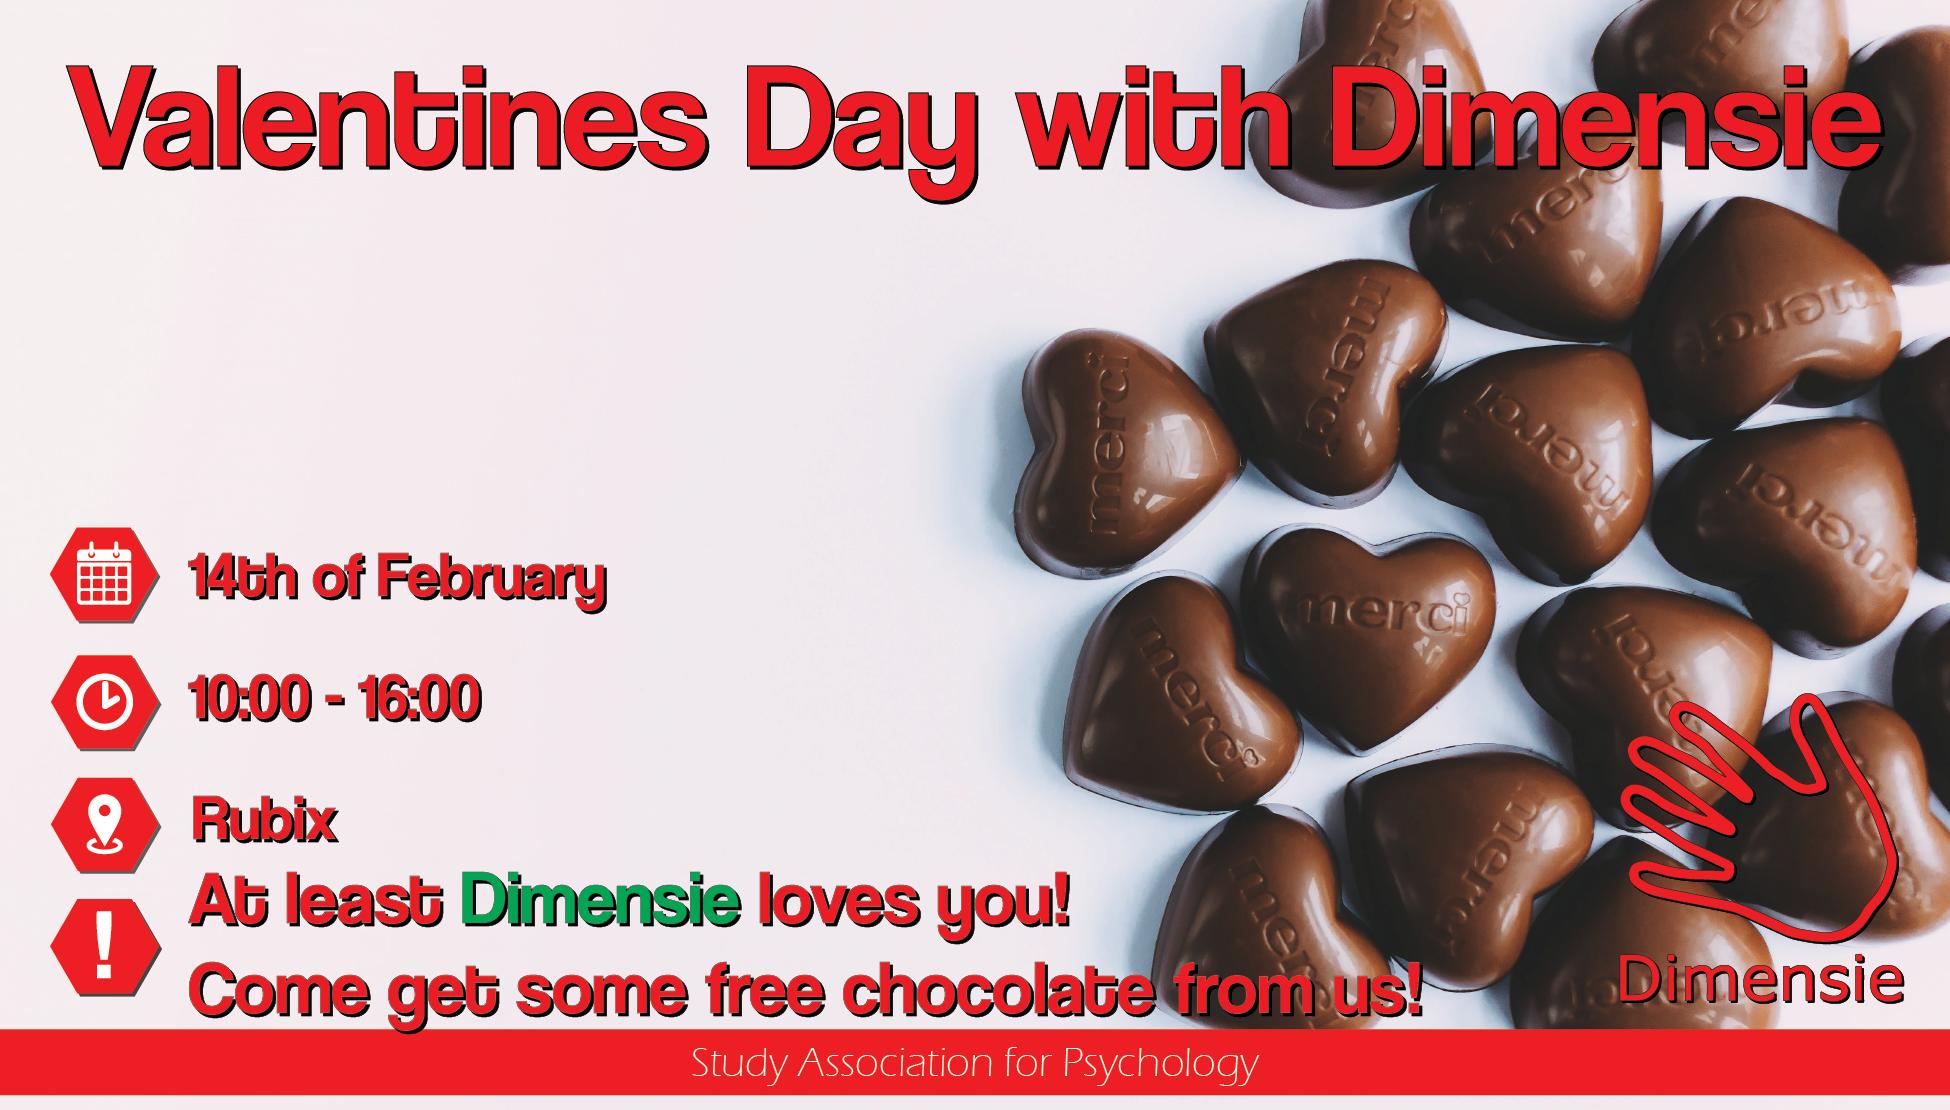 Valentine's Day with Dimensie